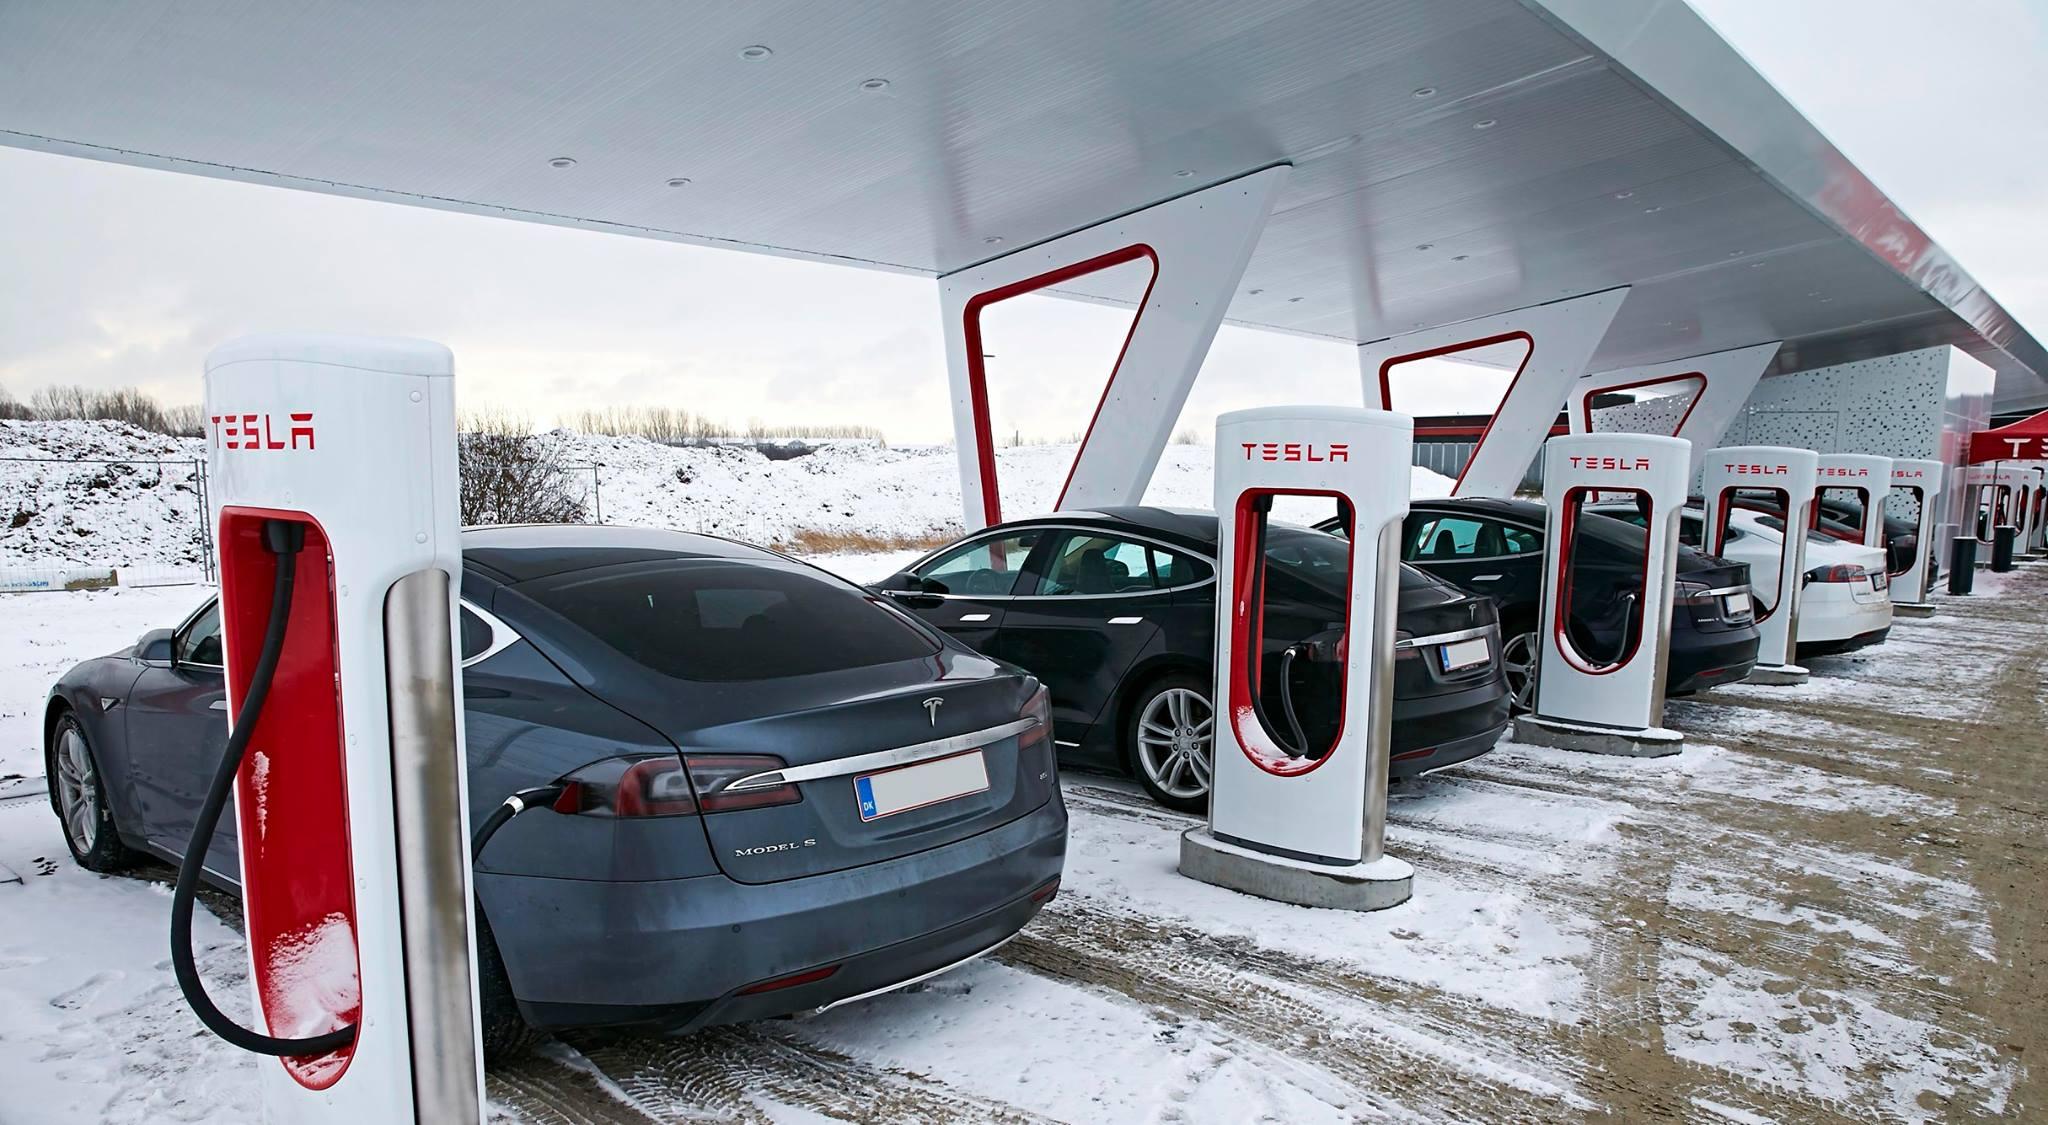 Новые зарядные станции от Tesla: заряжают батарею на 120 км хода за 5 мин - 4